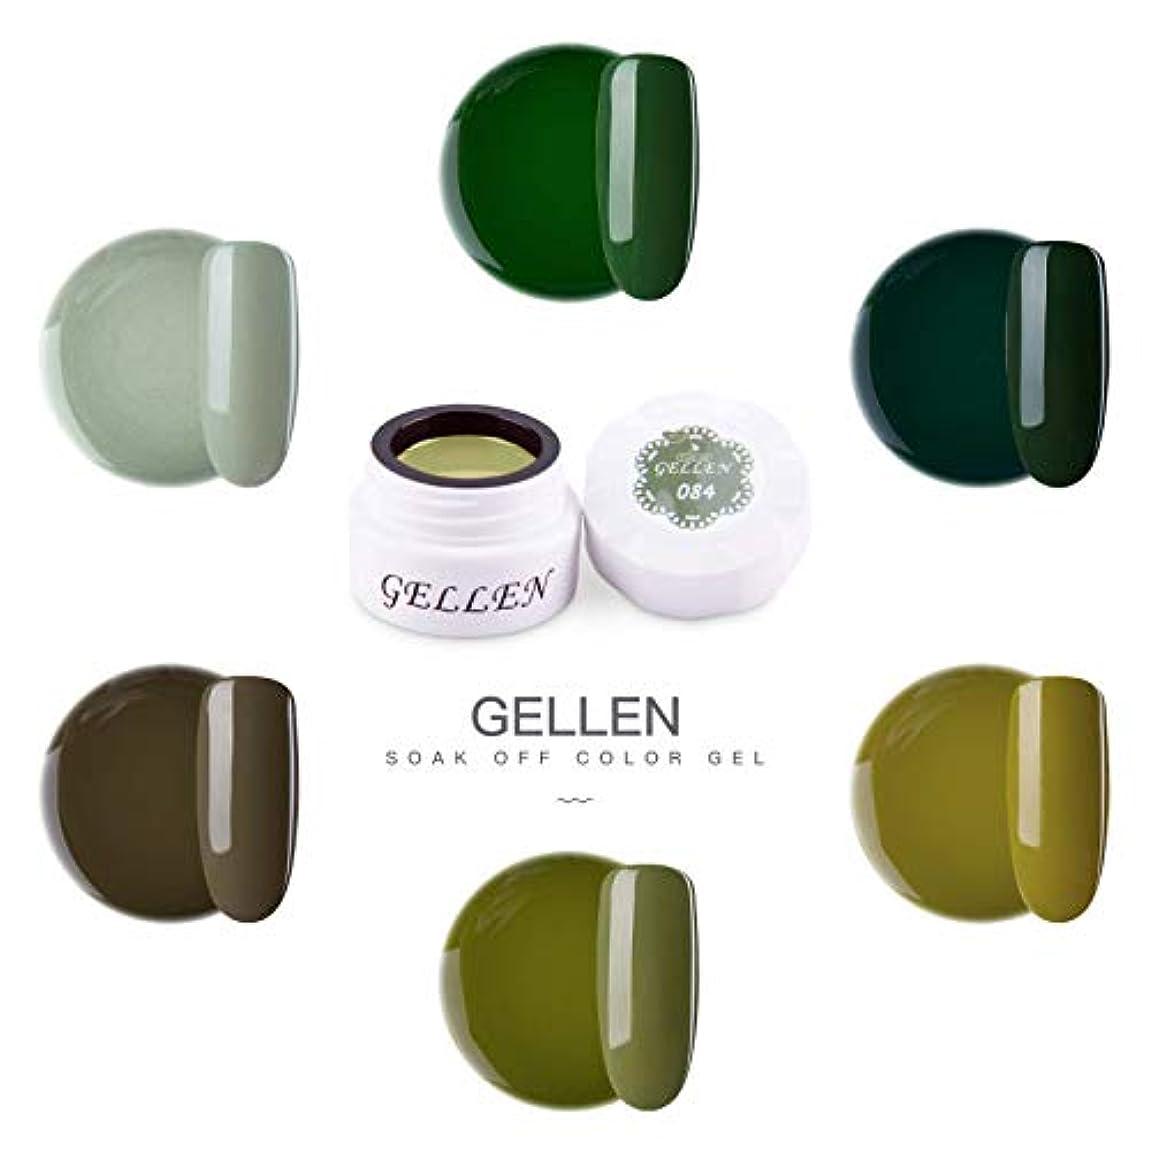 シプリーマントル回転Gellen カラージェル 6色 セット[ダークグリーン系]高品質 5g ジェルネイル カラー ネイルブラシ付き